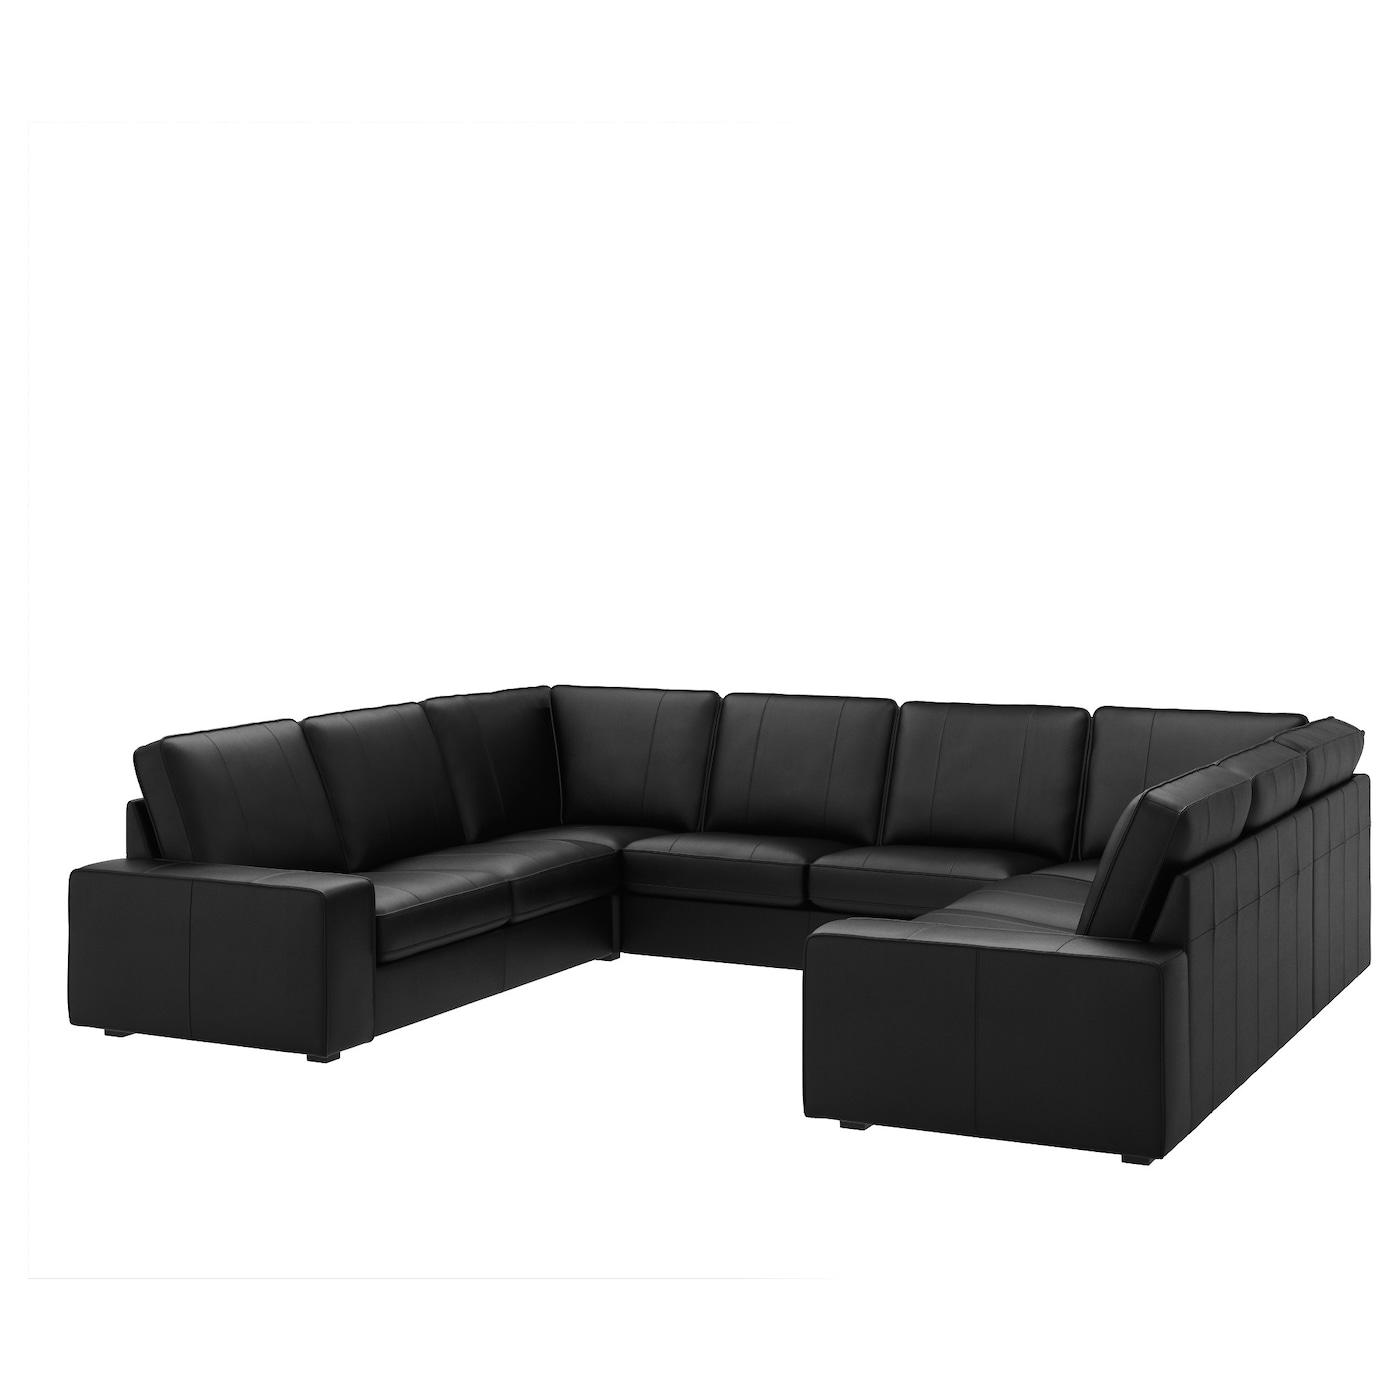 lederen zetels ikea. Black Bedroom Furniture Sets. Home Design Ideas